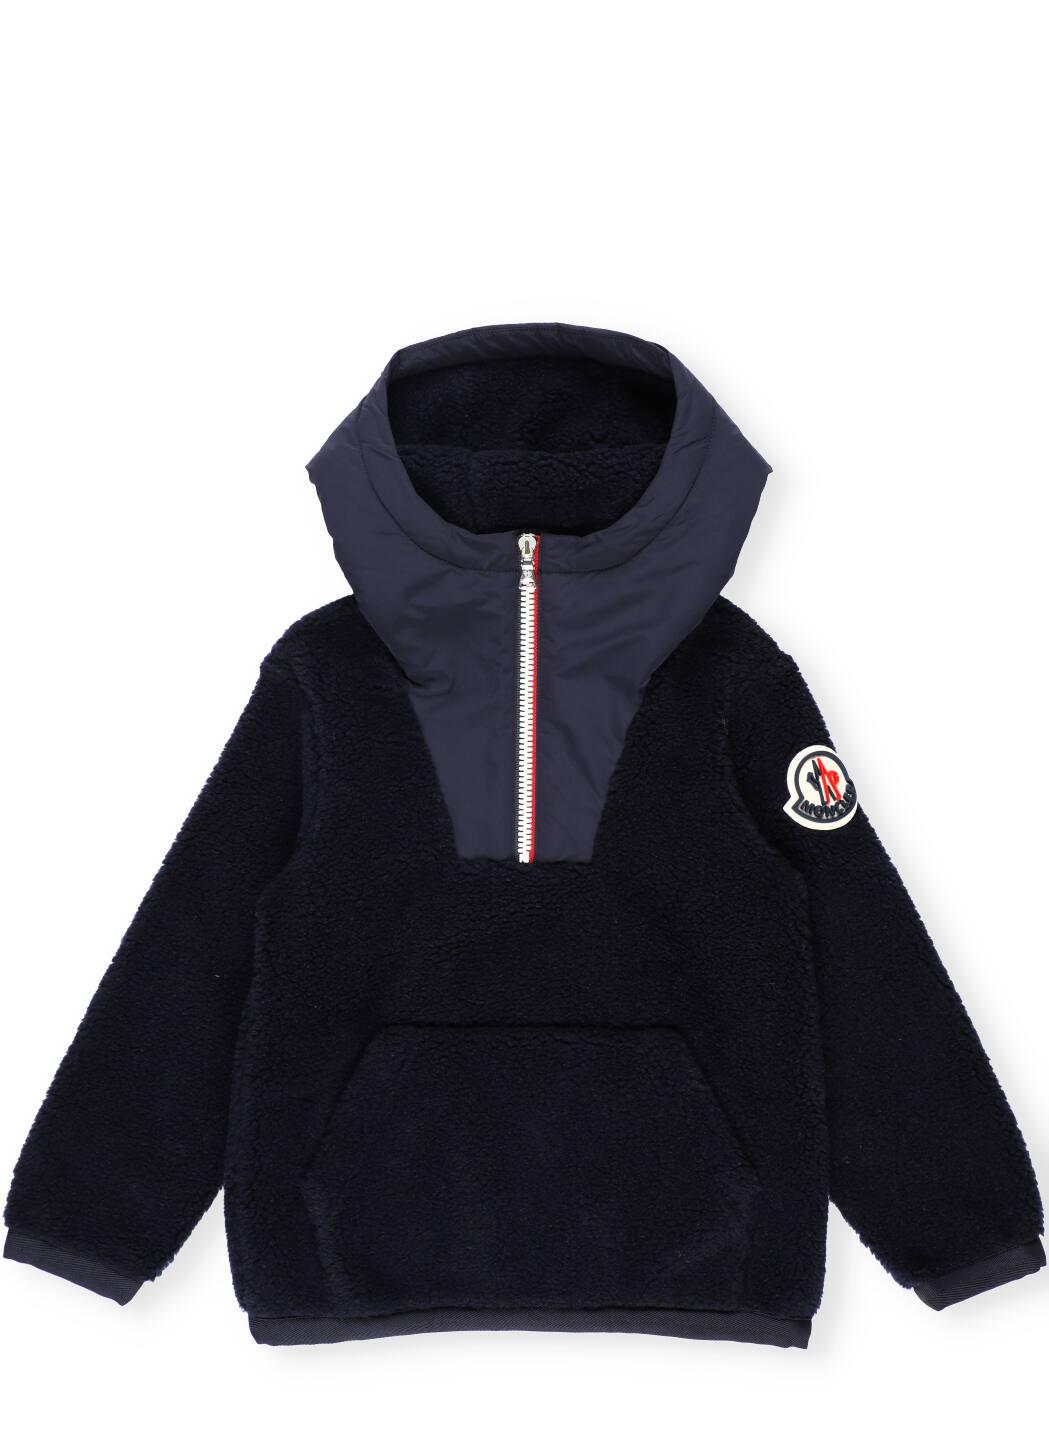 Moncler Sherling Jacket